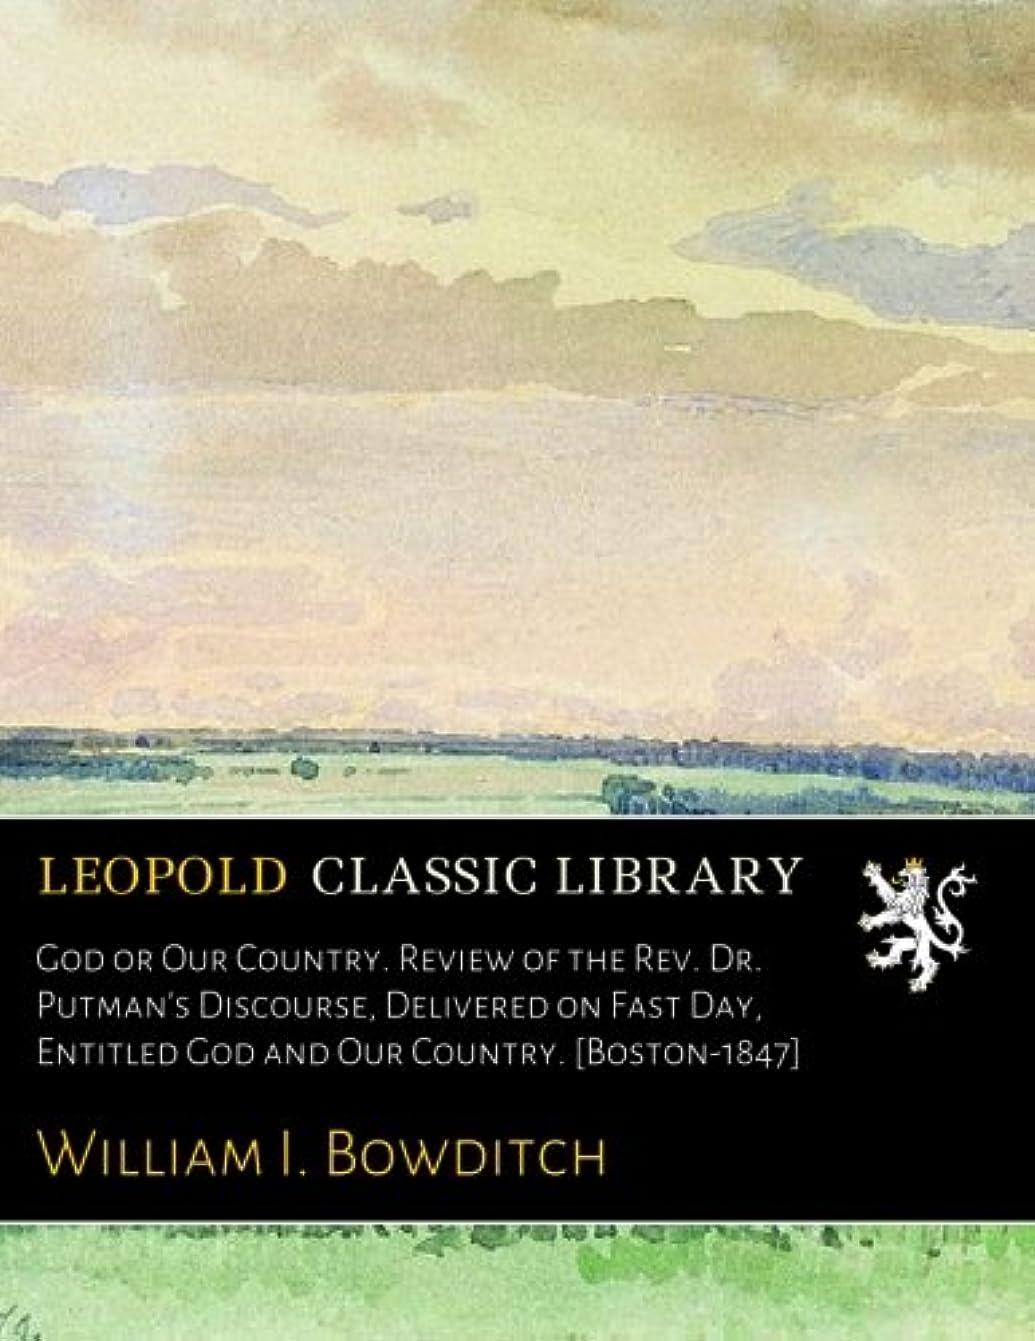 エンジニア残基虐待God or Our Country. Review of the Rev. Dr. Putman's Discourse, Delivered on Fast Day, Entitled God and Our Country. [Boston-1847]